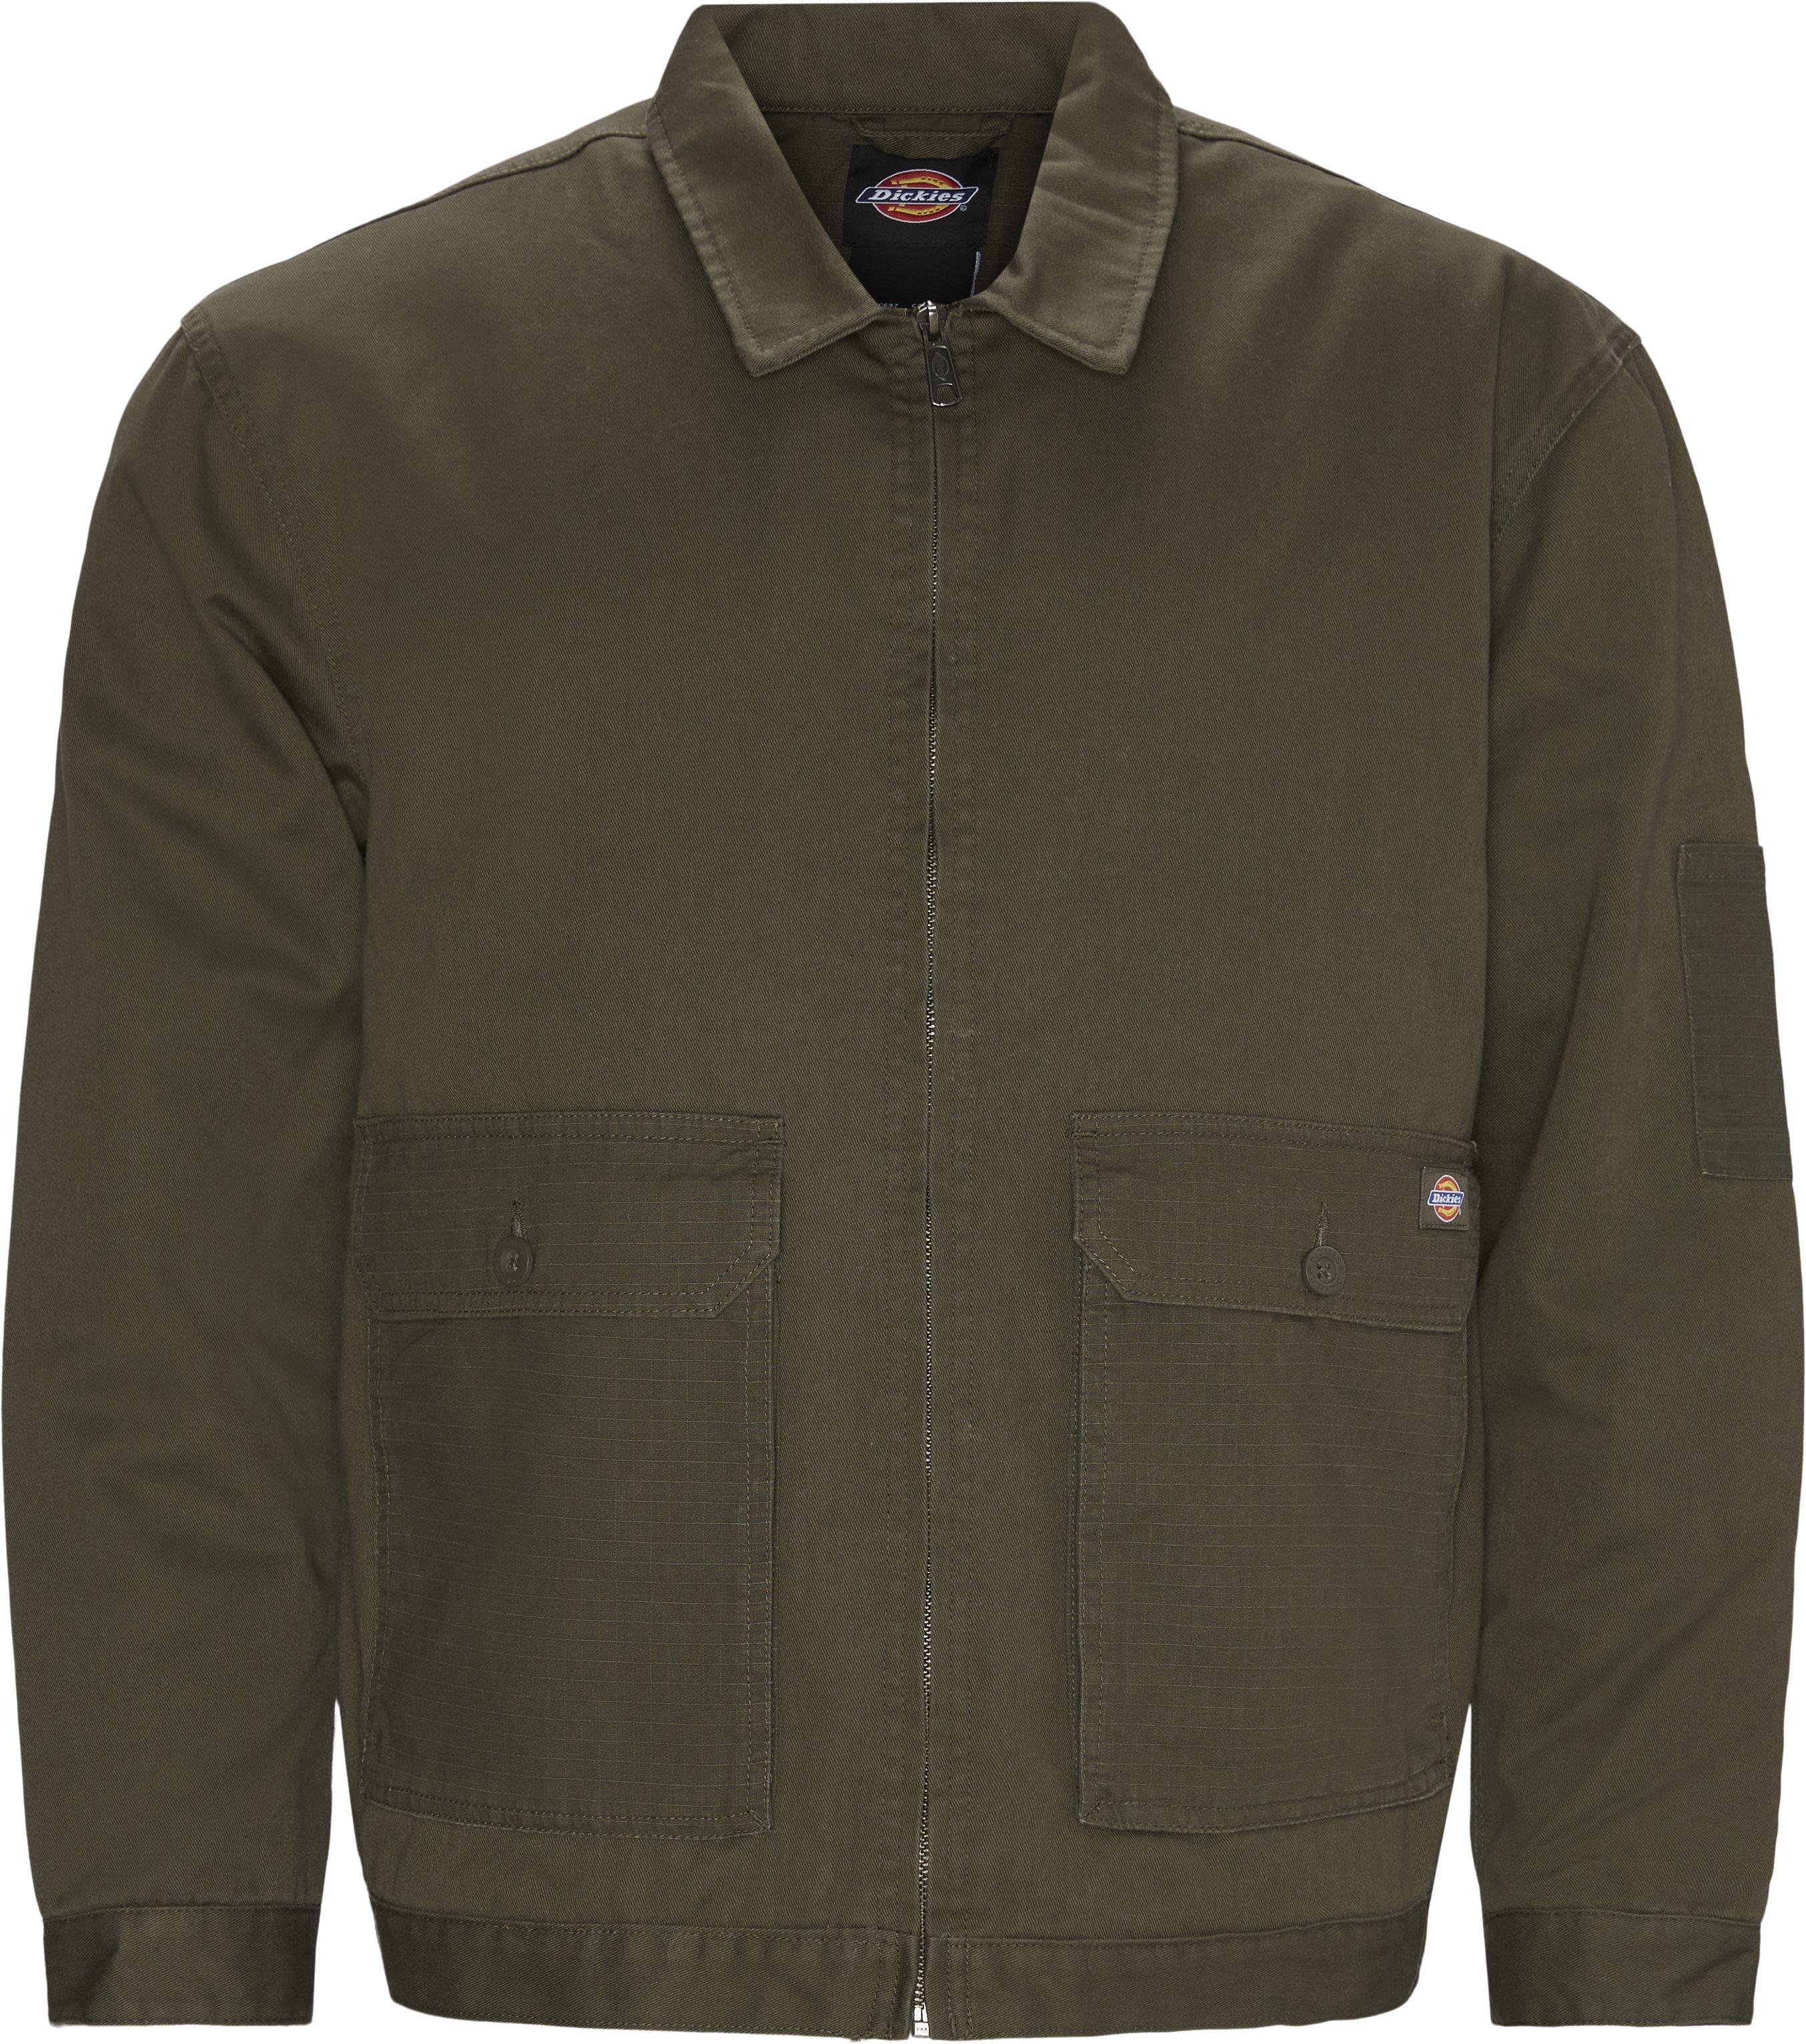 Utility Eisenhower Jacket - Jackets - Army